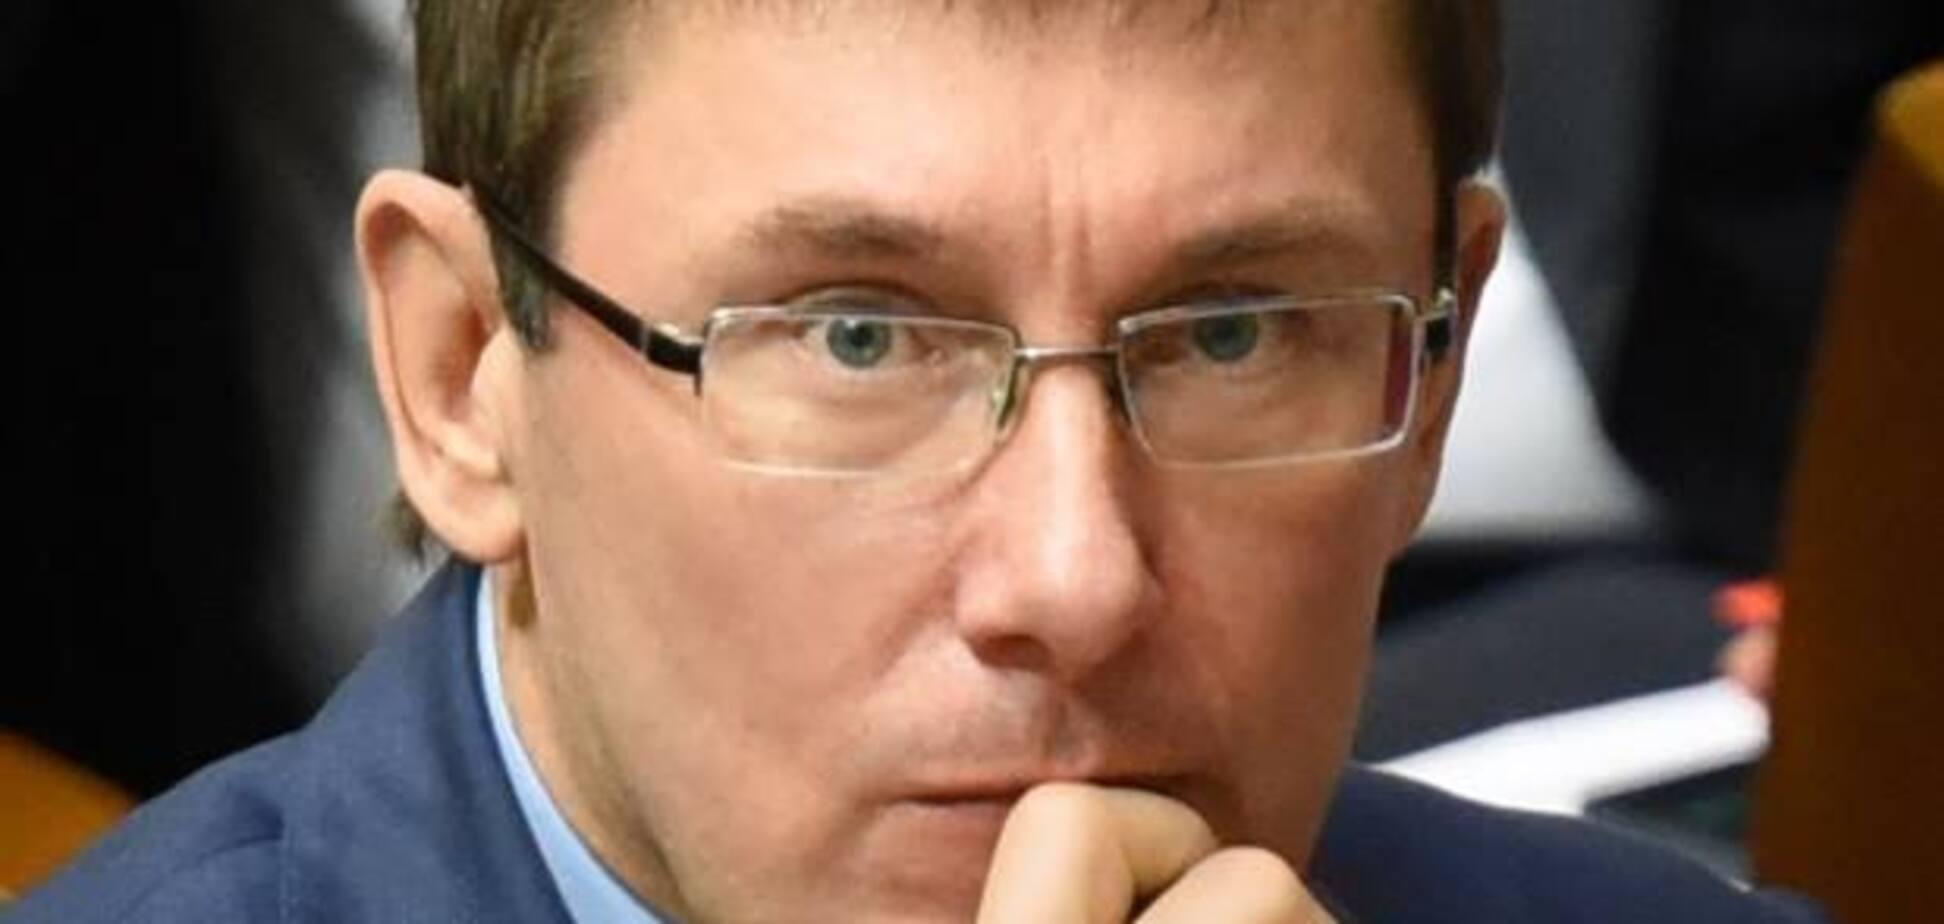 В Украине повысили зарплаты прокурорам: Луценко назвал суммы